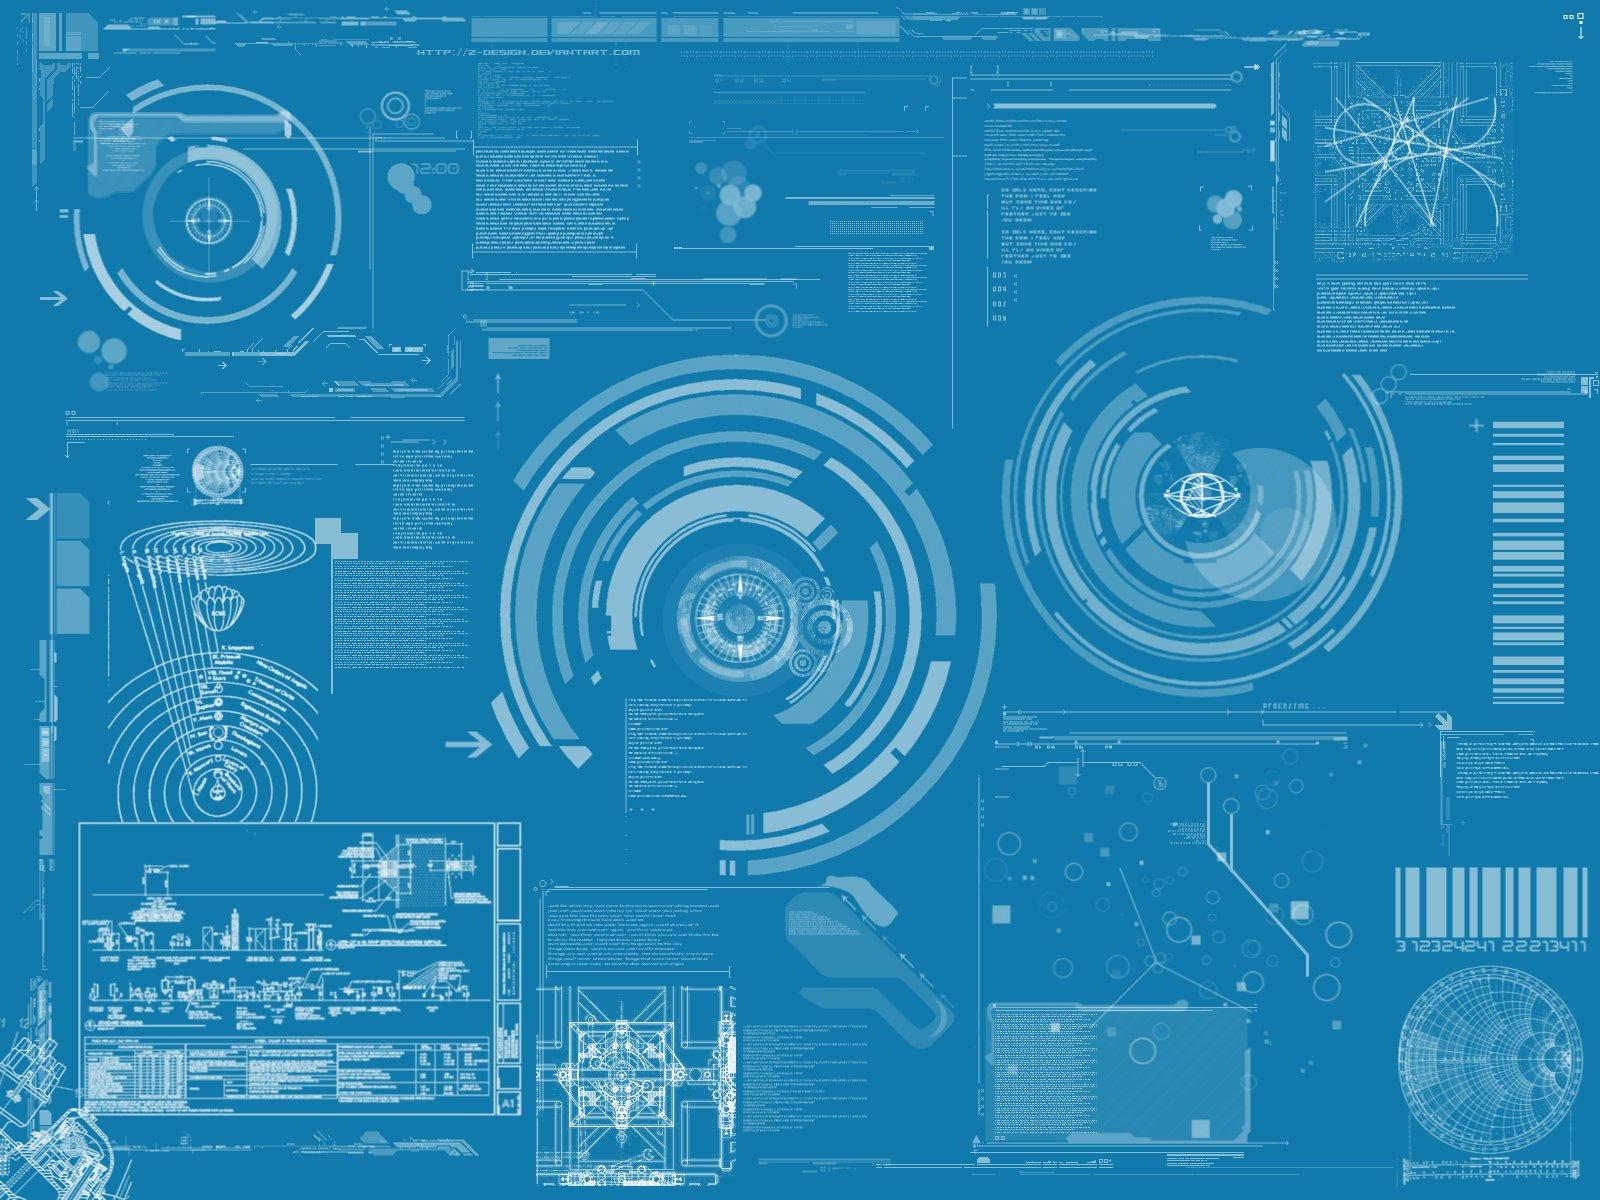 Blue Schema by ShoTro